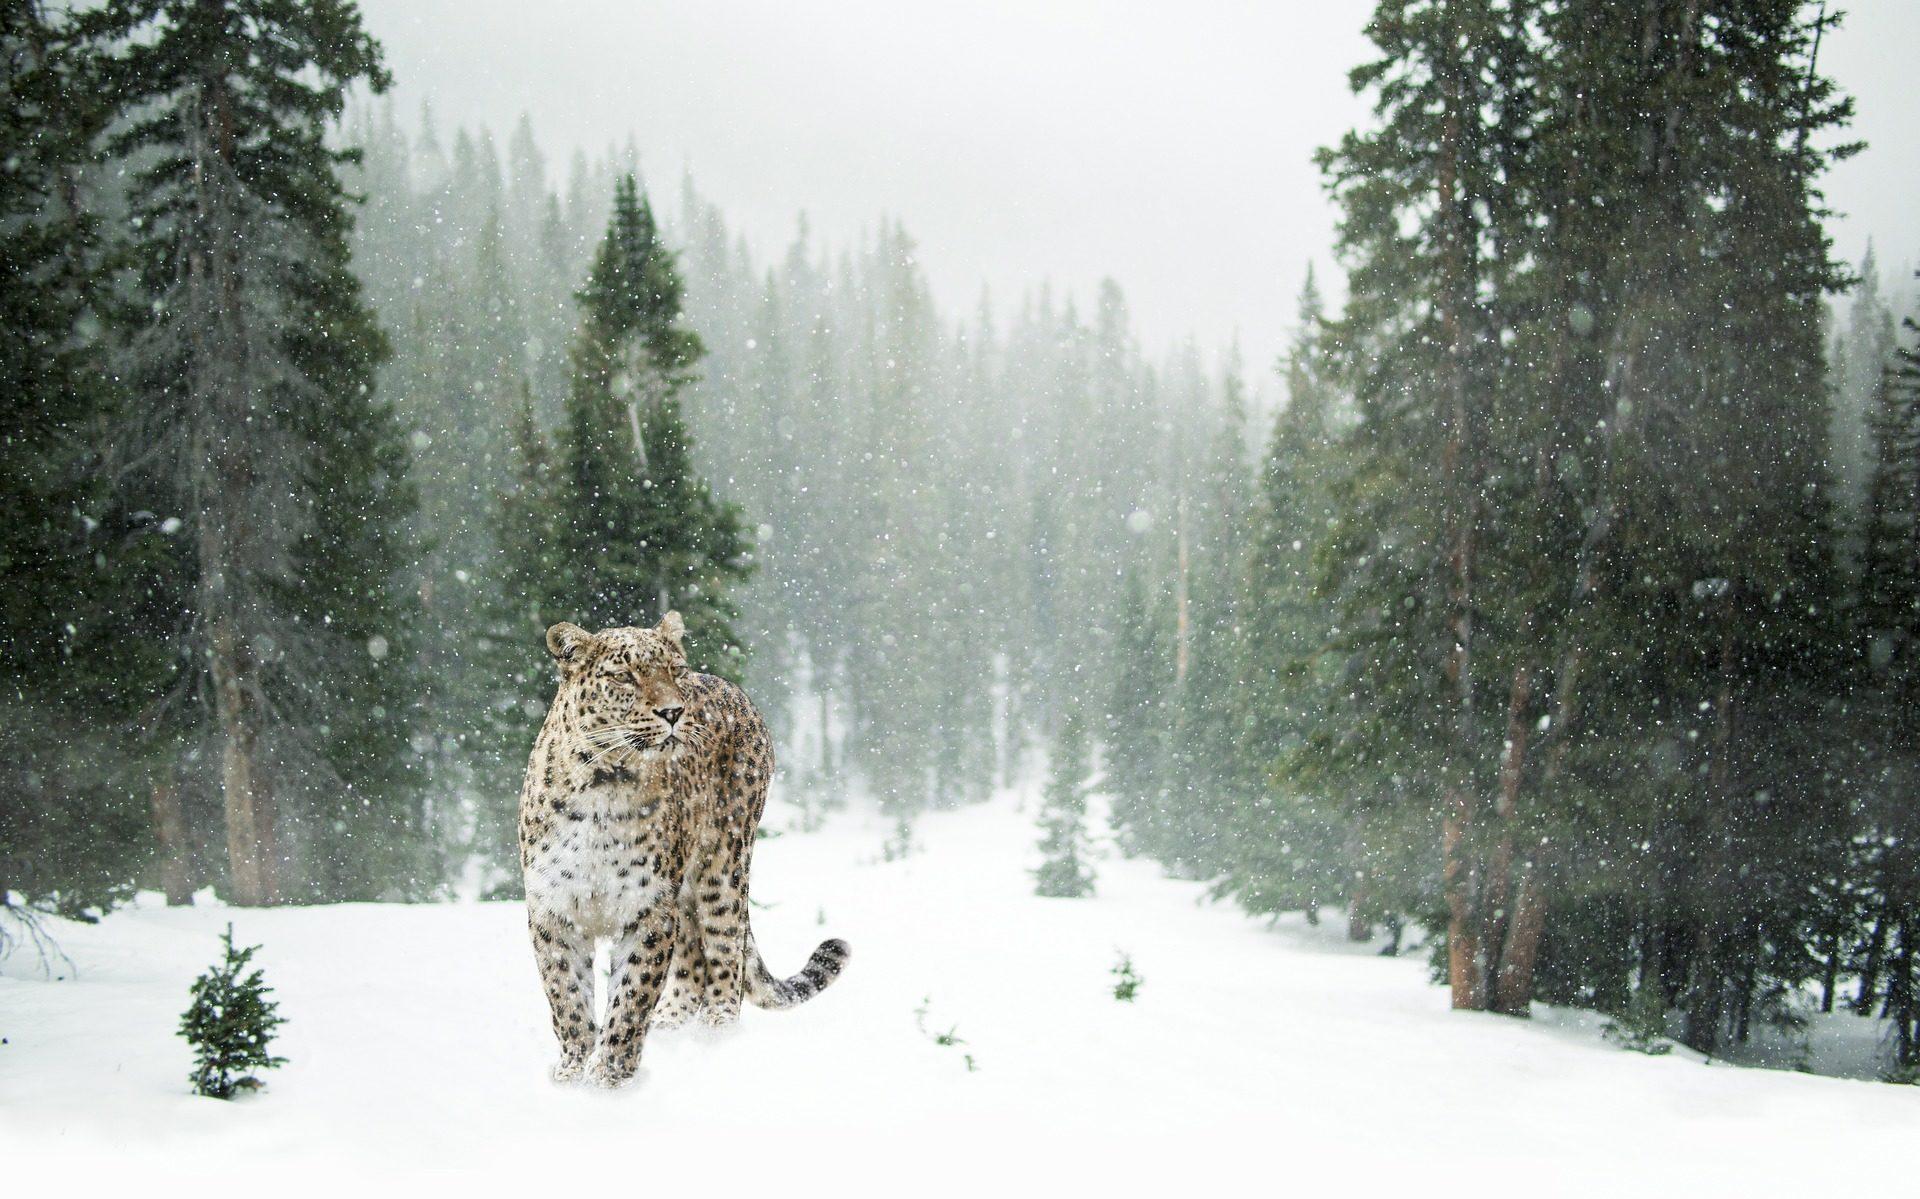 Леопард, персидский, снег, лес, Дикий, Невада - Обои HD - Профессор falken.com